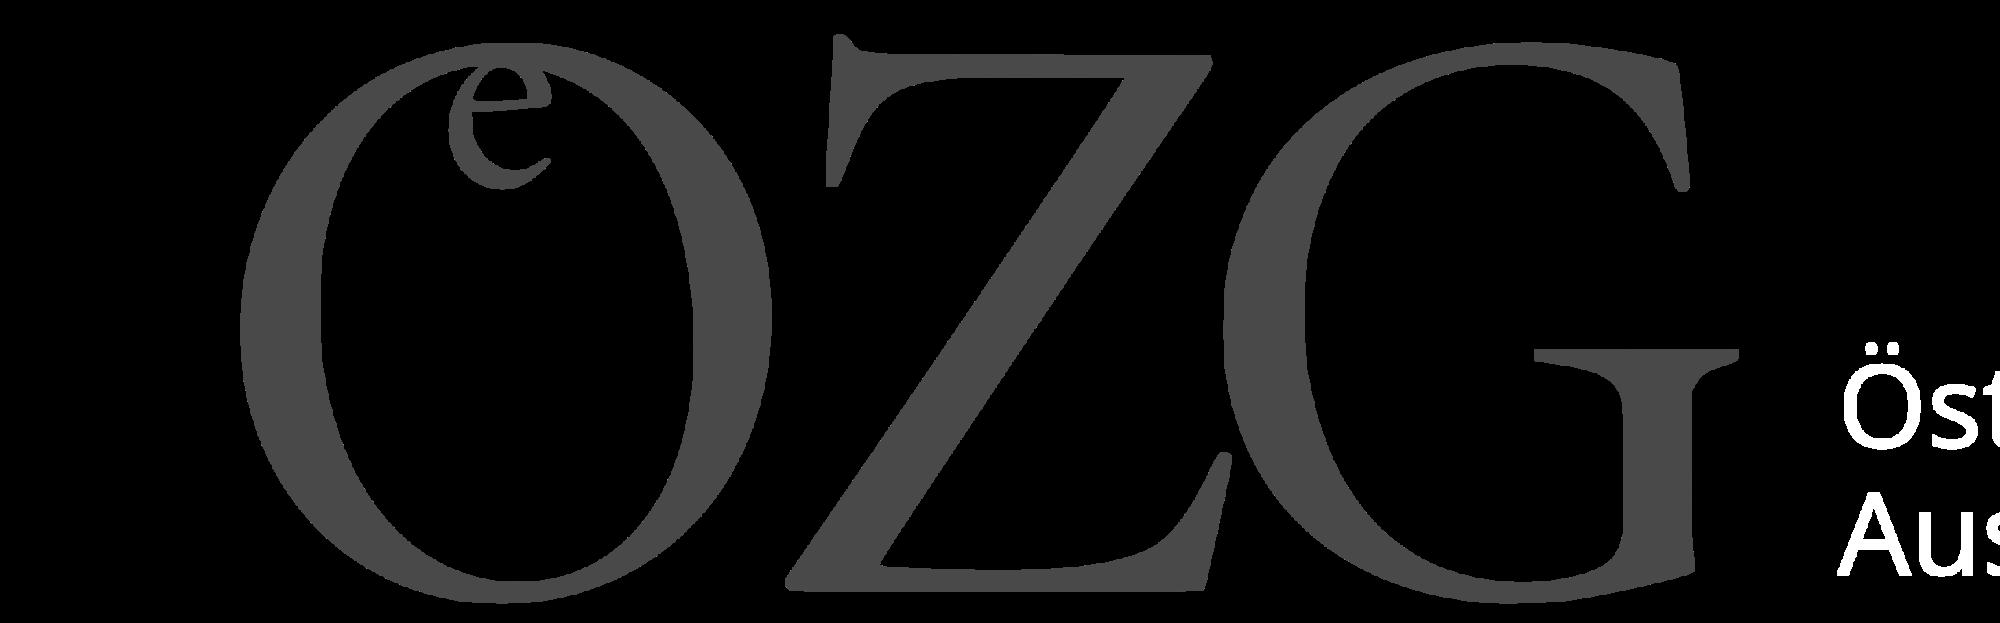 OeZG-Geschichte-Blog